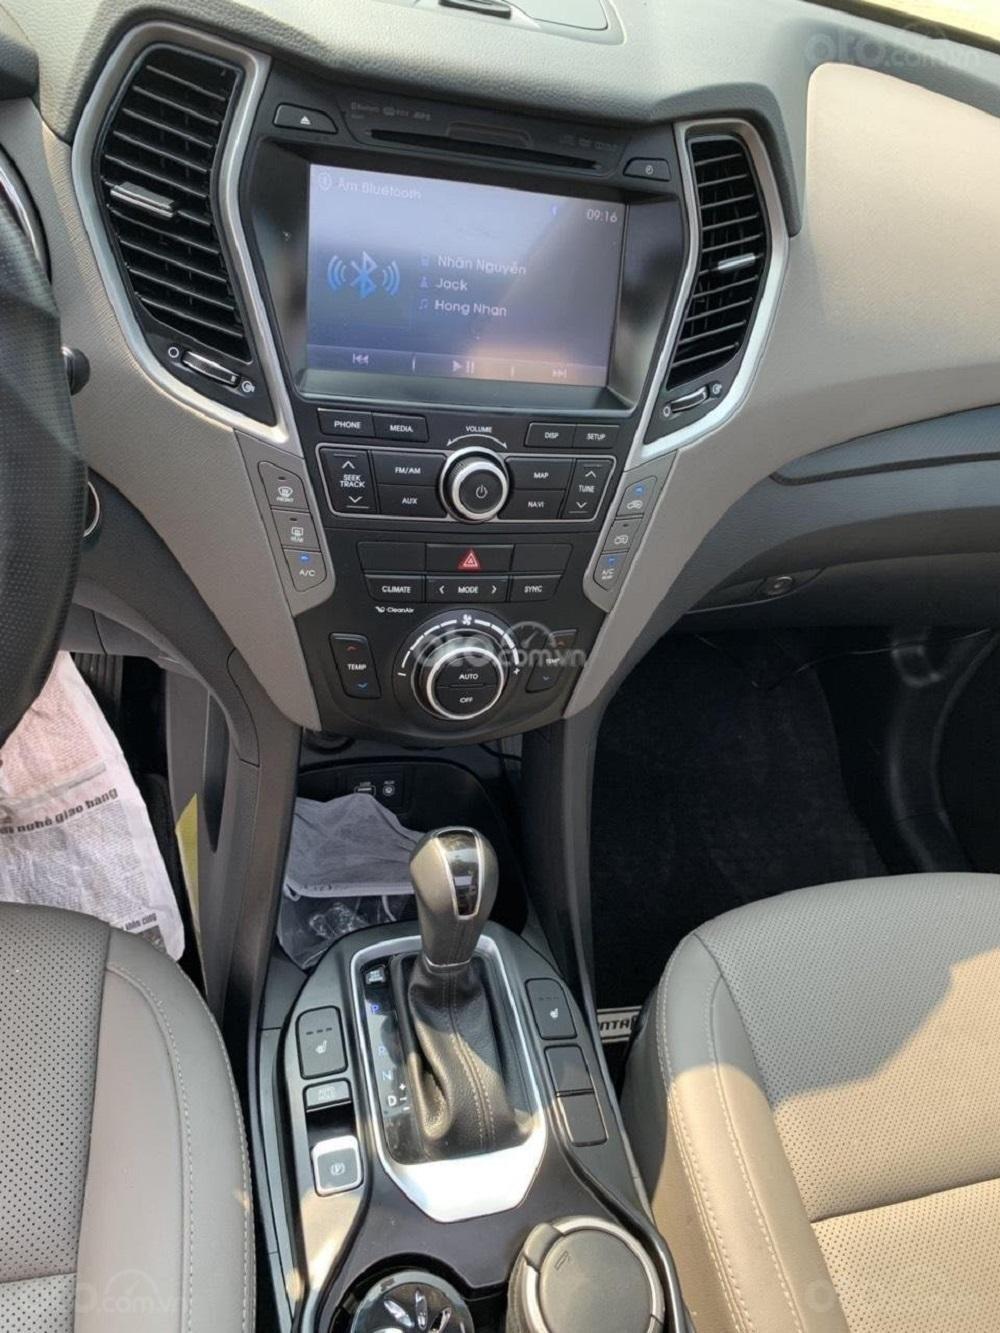 Cần bán Hyundai Santa Fe 2017 diesel 2.2L hai cầu, màu bạc tại TP. HCM (4)